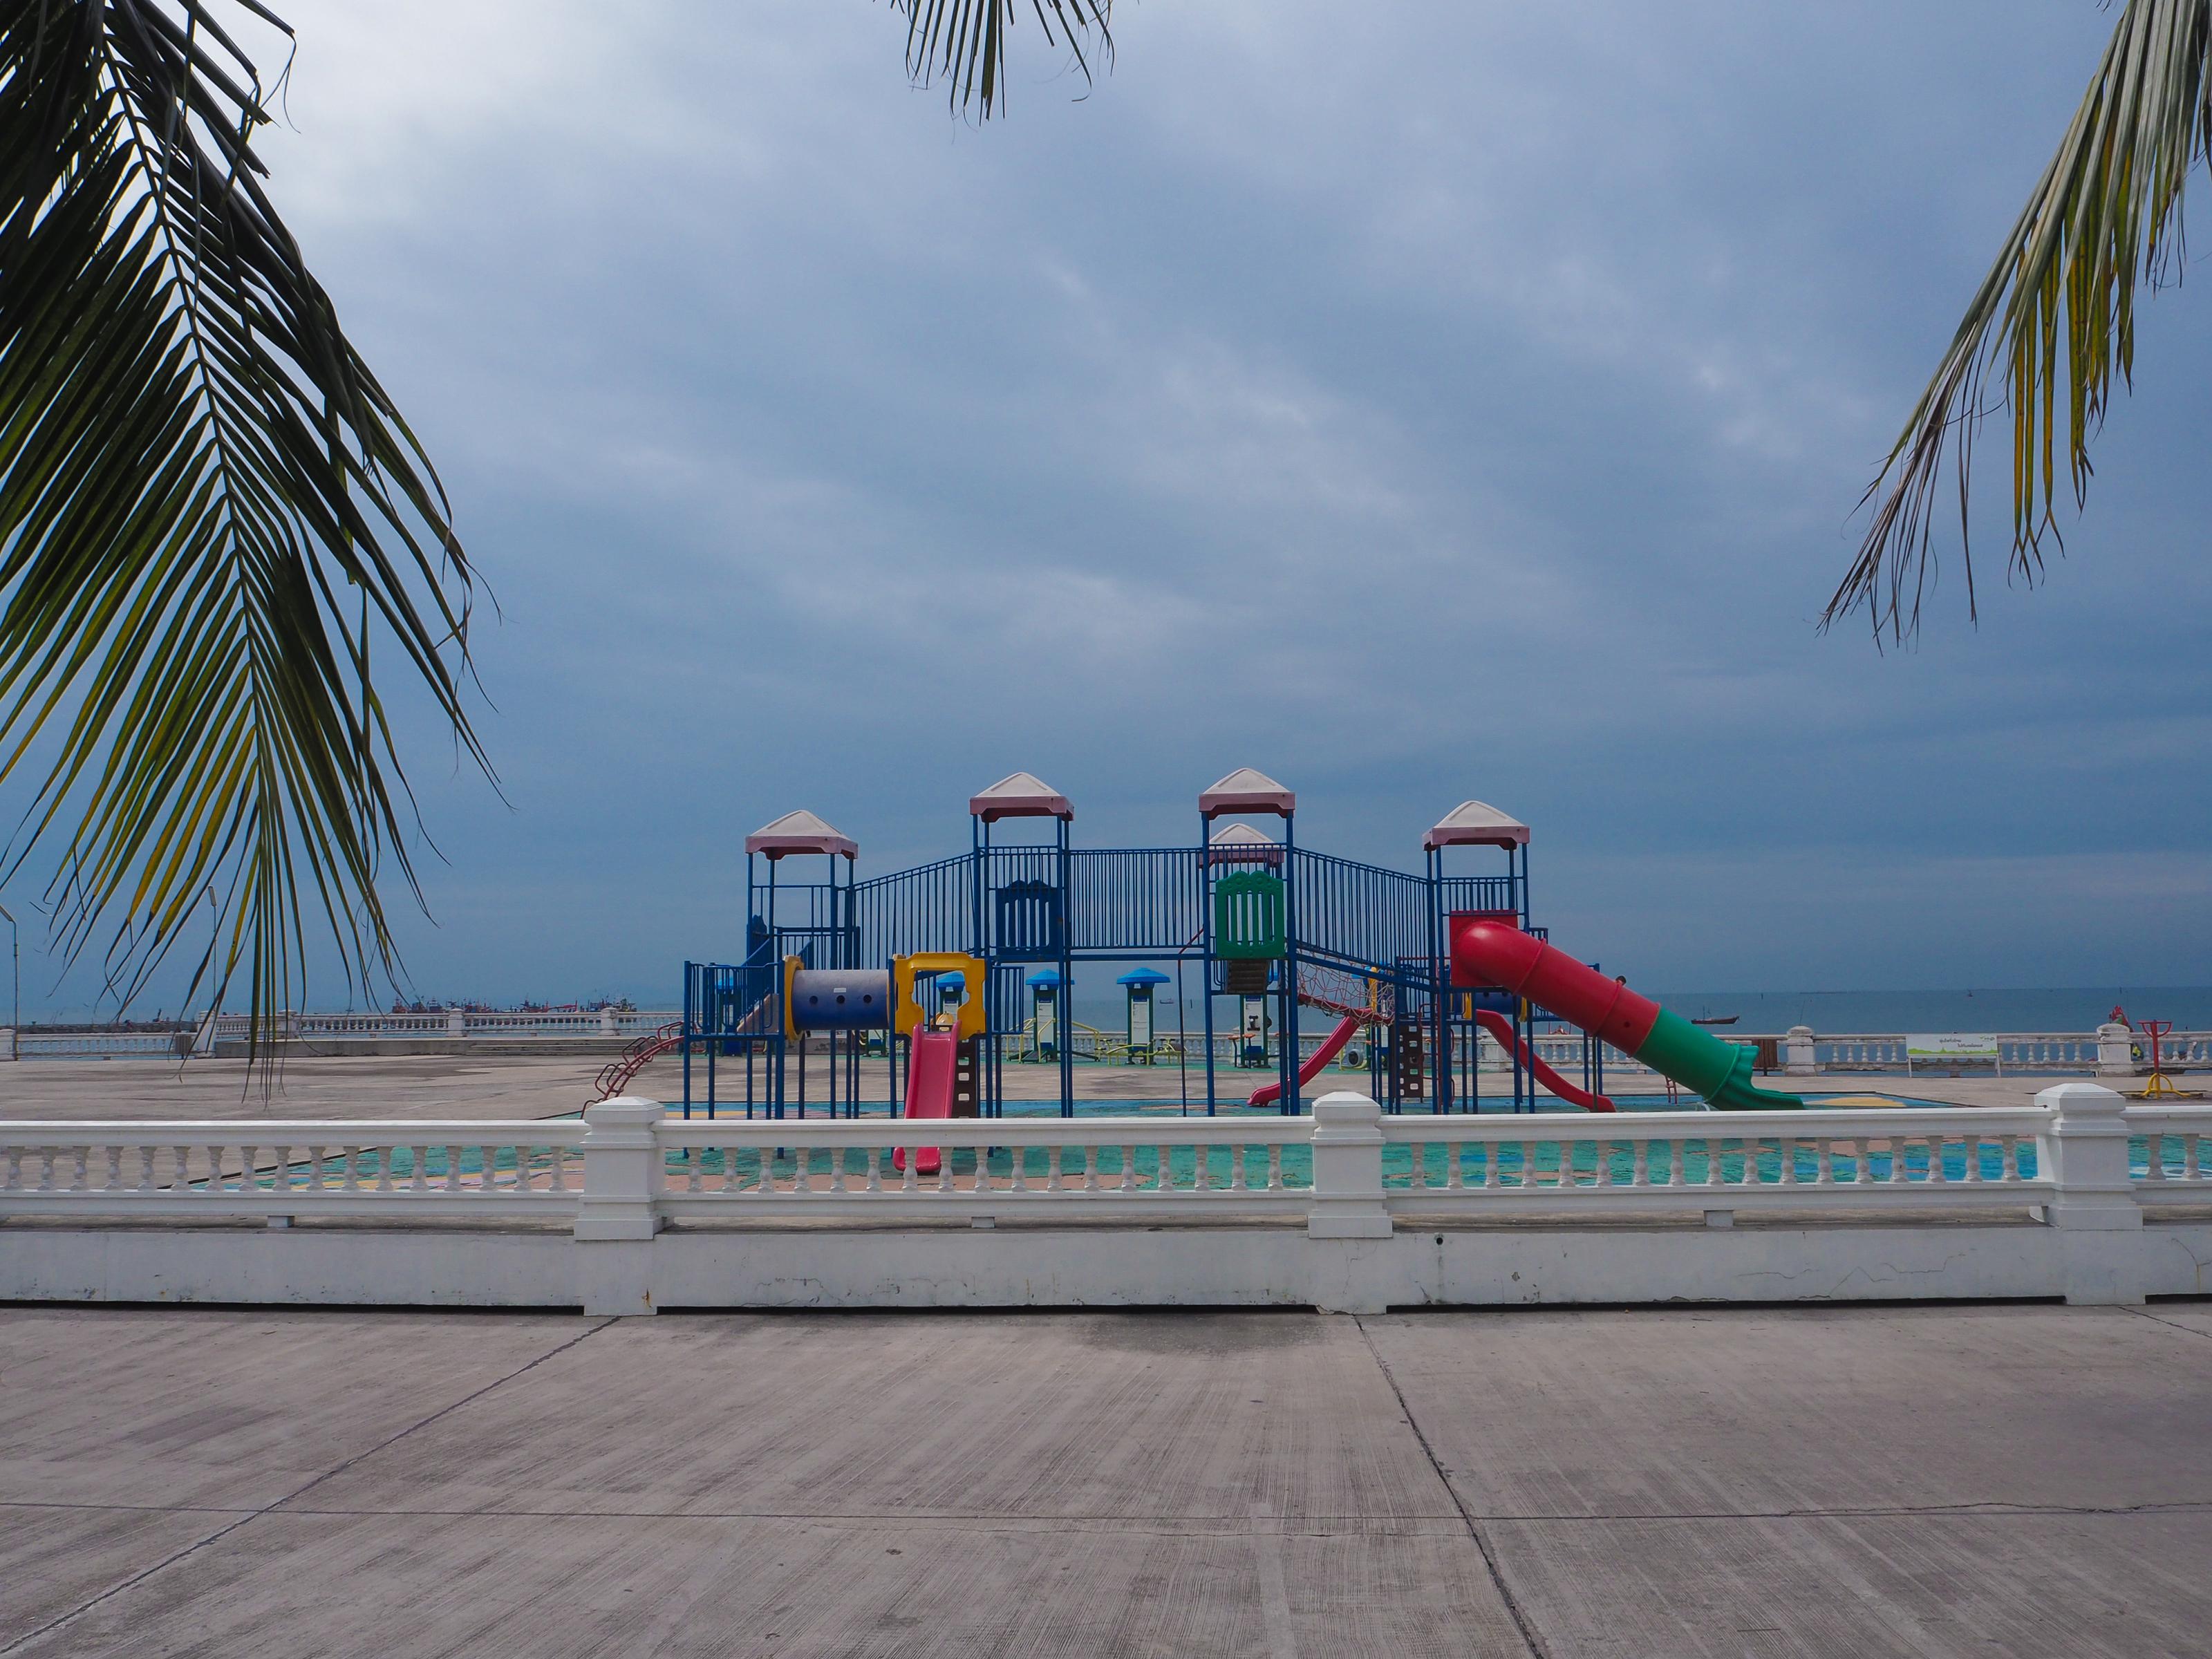 สวนสาธารณะริมหาด